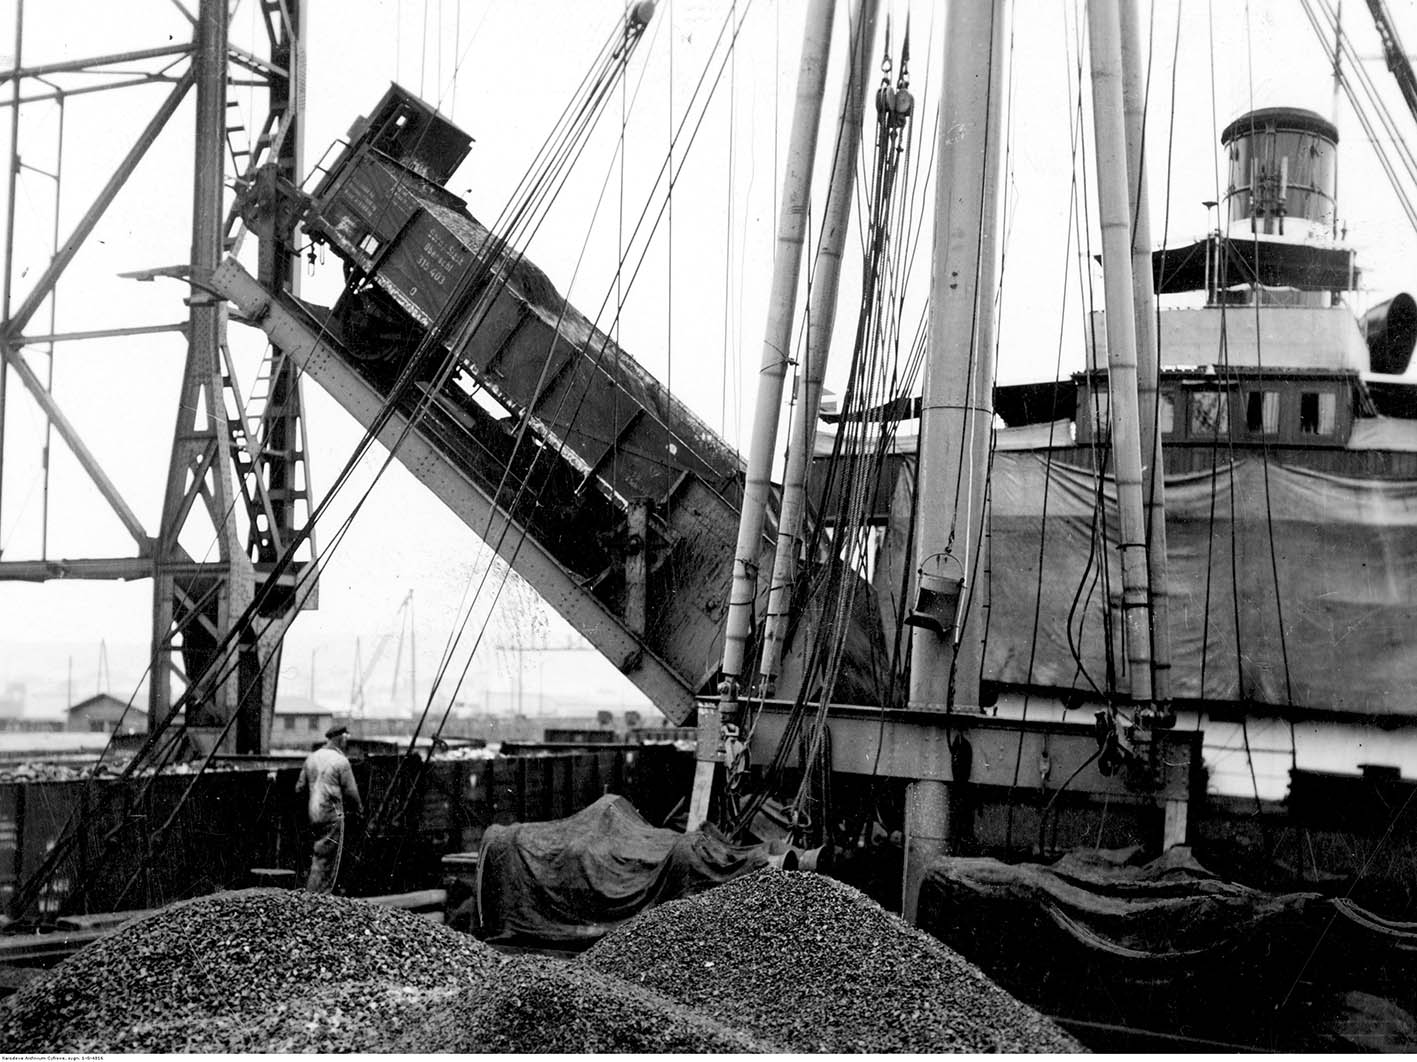 Załadunek węgla na statek w w porcie.